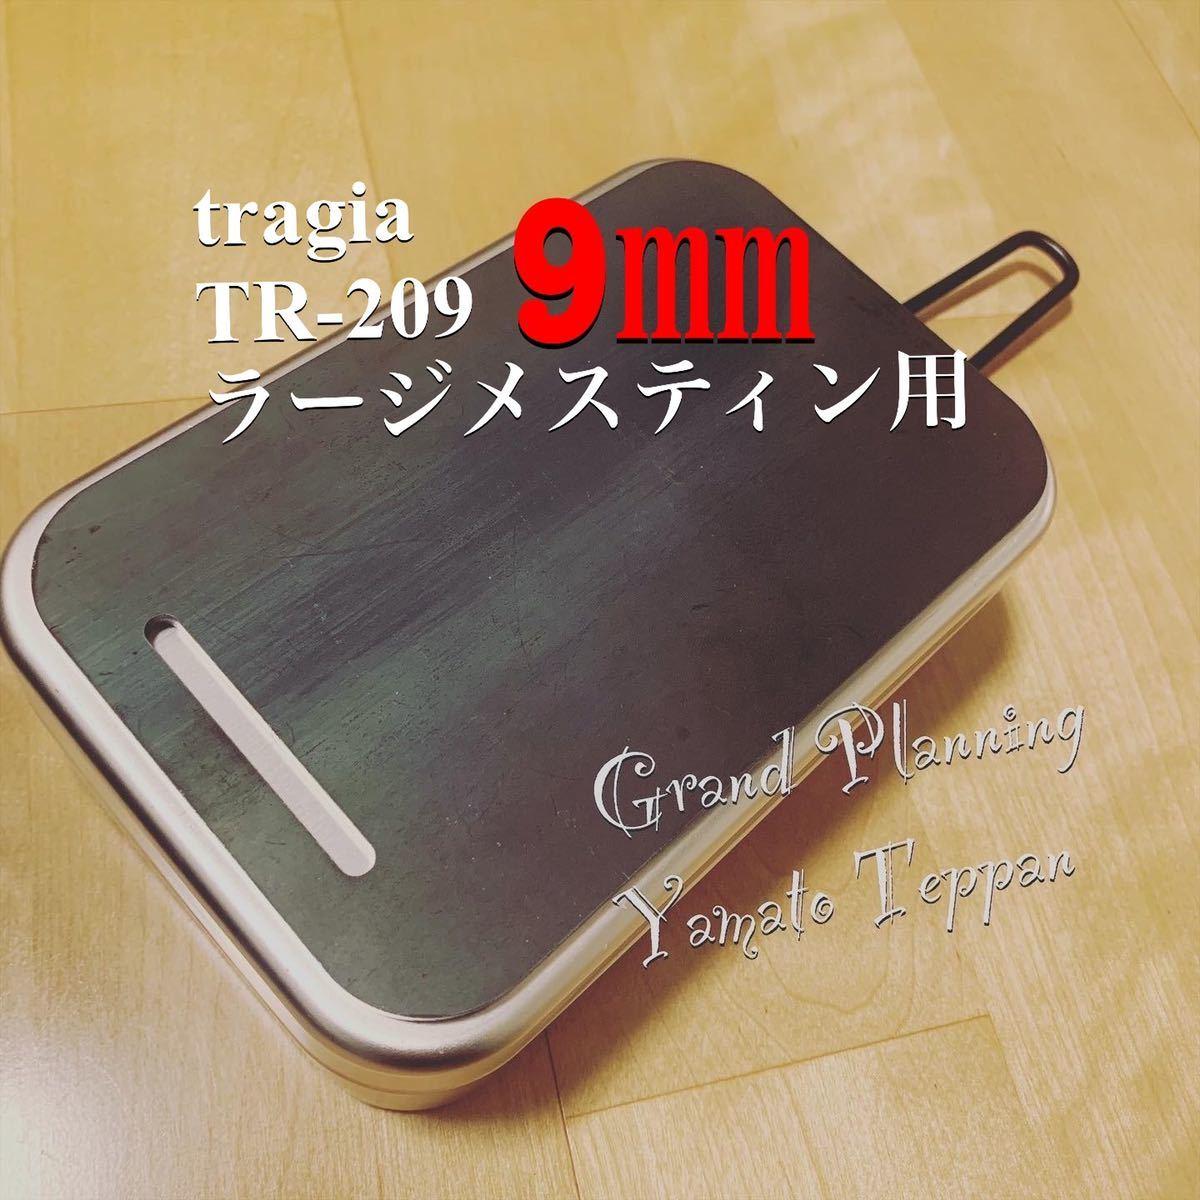 トランギア メスティン ラージ 収納サイズ 9ミリ 鉄板 スクレーパー セット